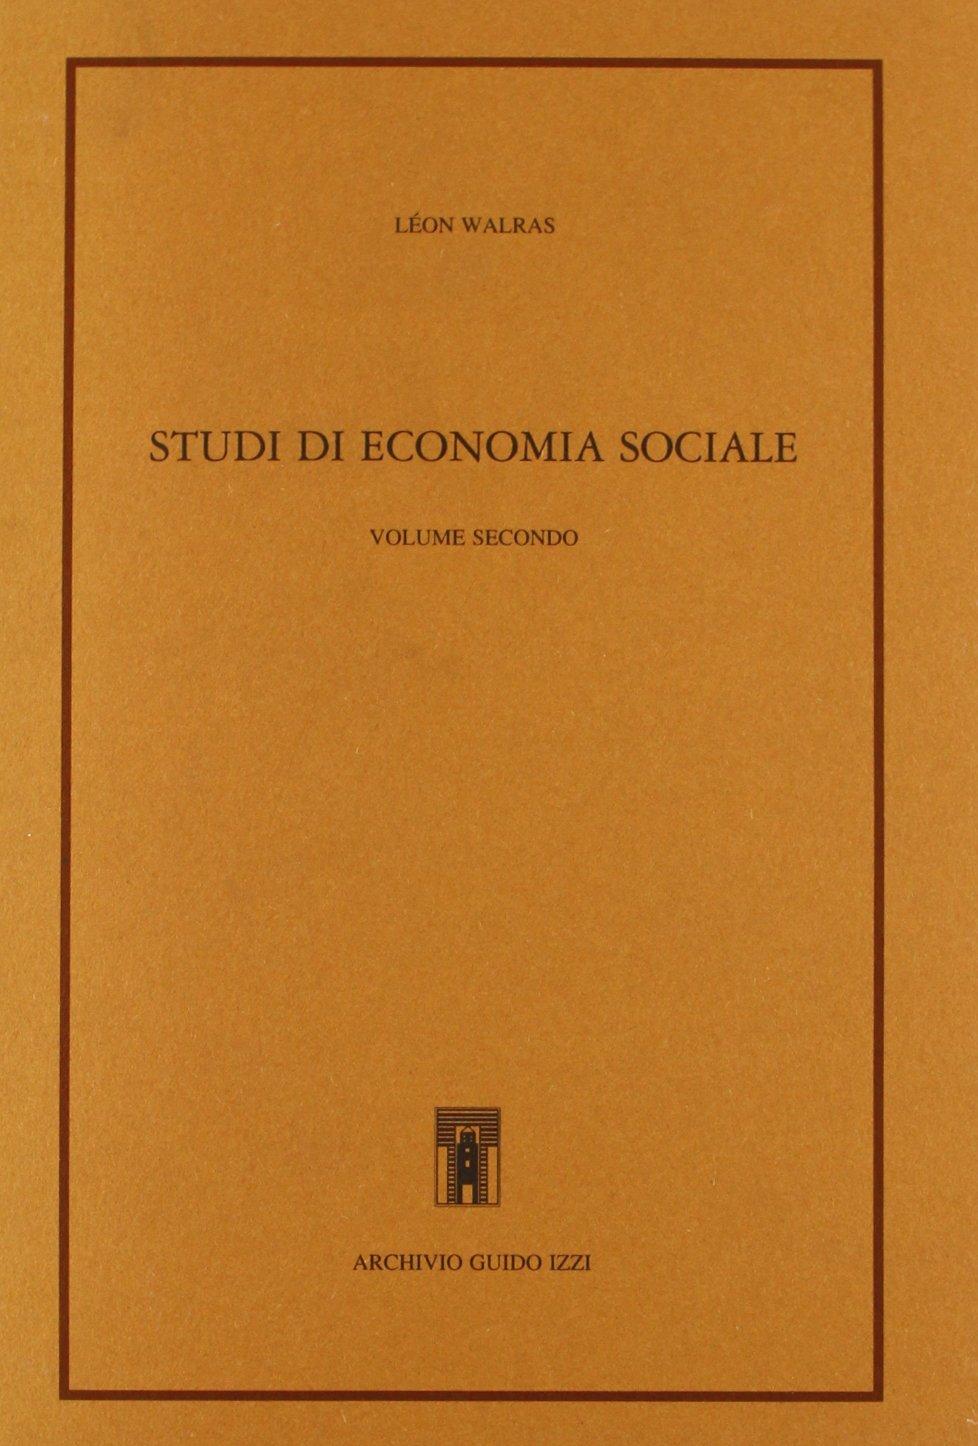 Studi di economia sociale - vol. 1